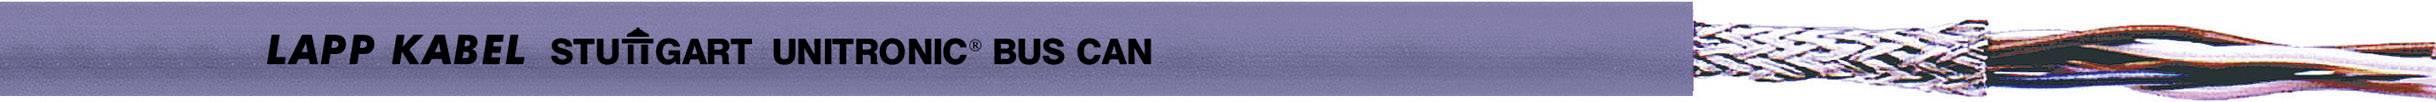 Sběrnicový kabel LappKabel UNITRONIC BUS CAN (2170270), 120 Ω